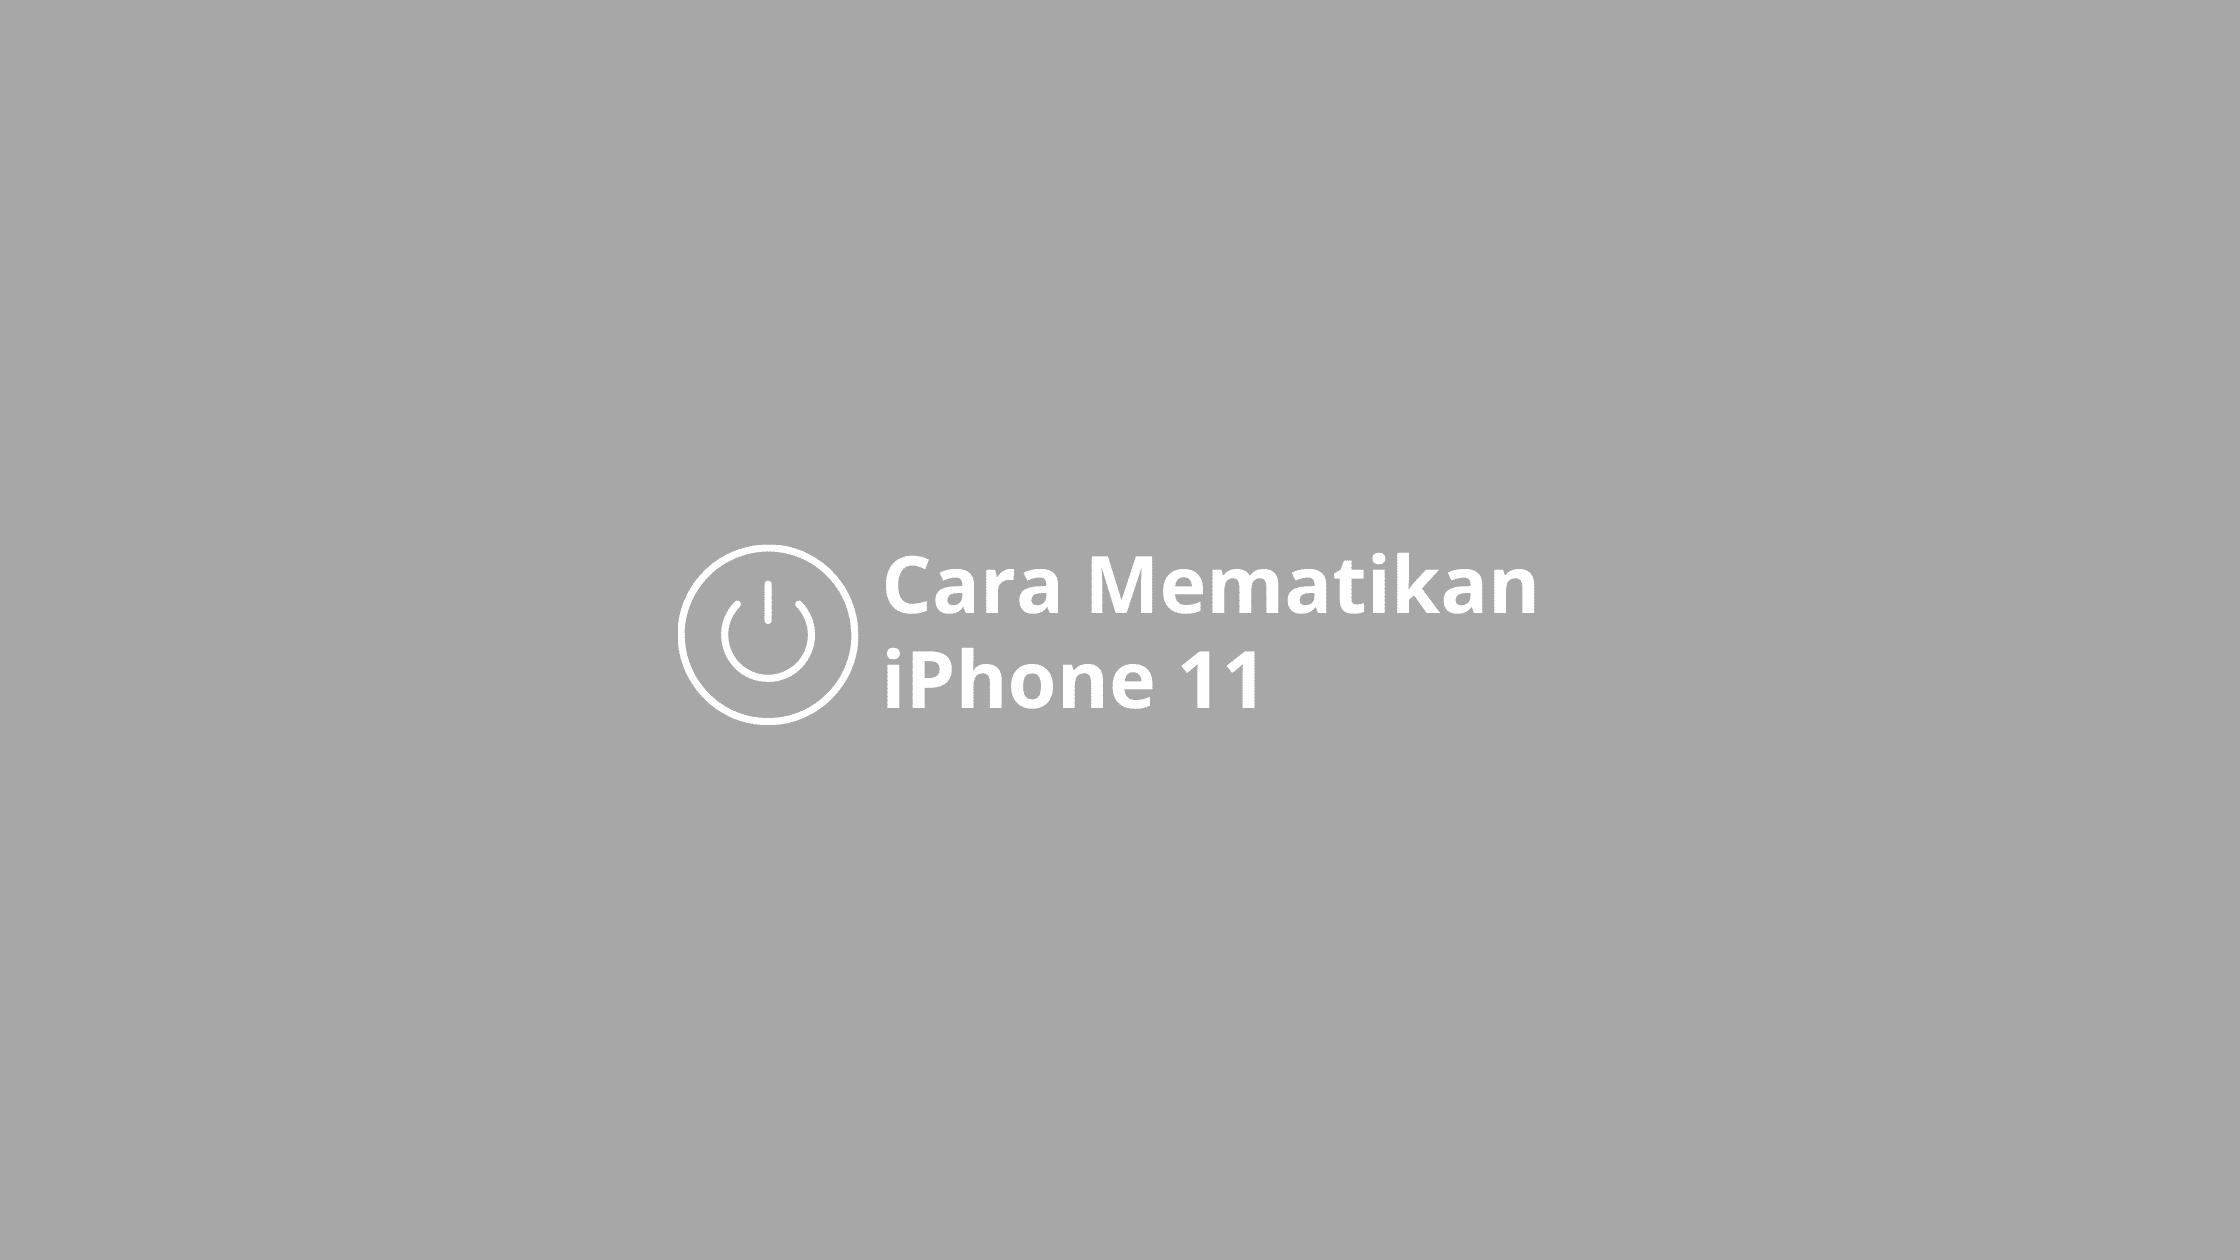 cara mematikan iphone 11